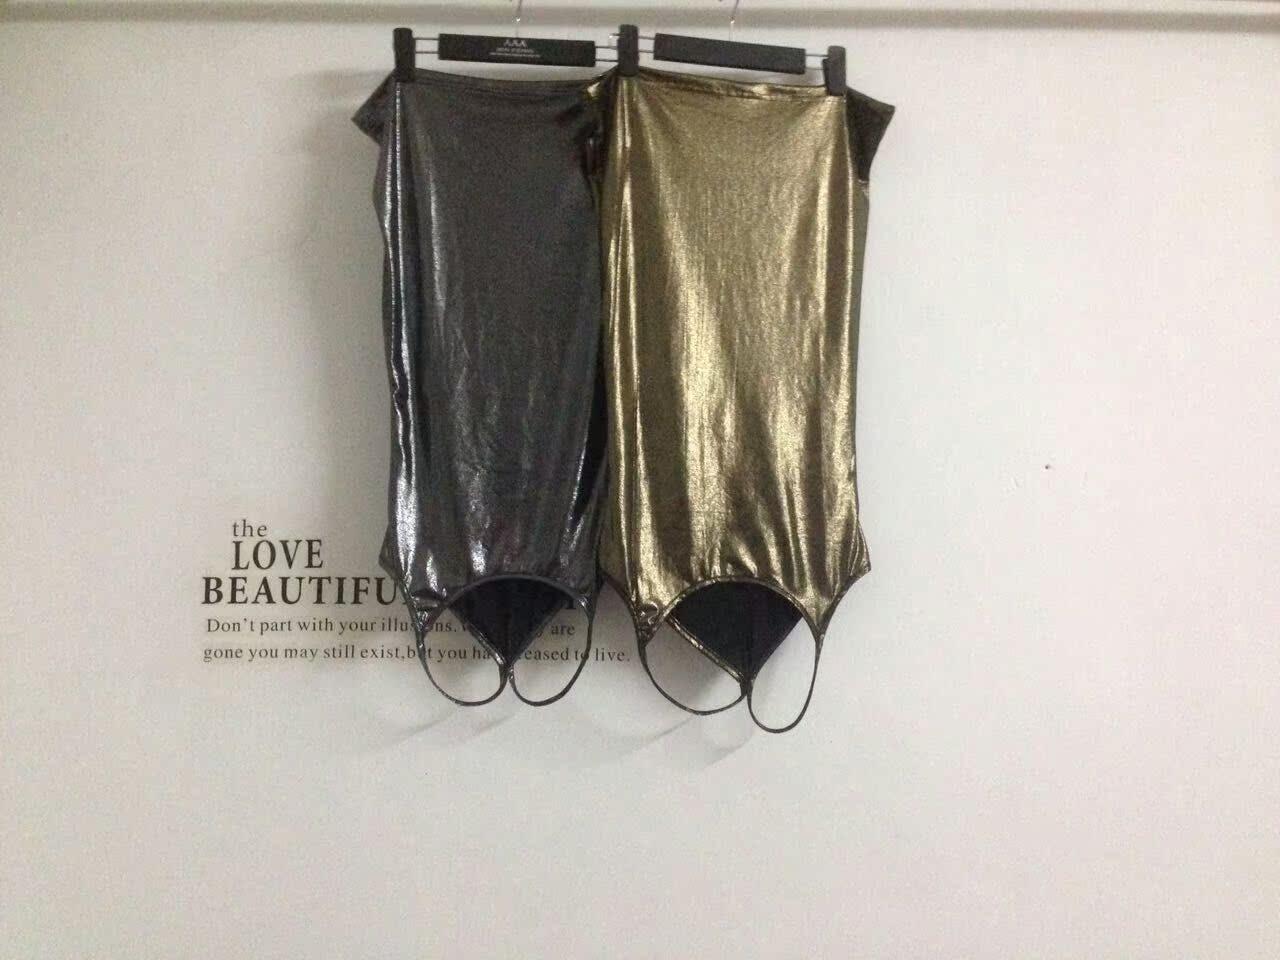 韩国新款女装夏季时尚潮流工字背百搭烫金修身显瘦打底吊带背心女